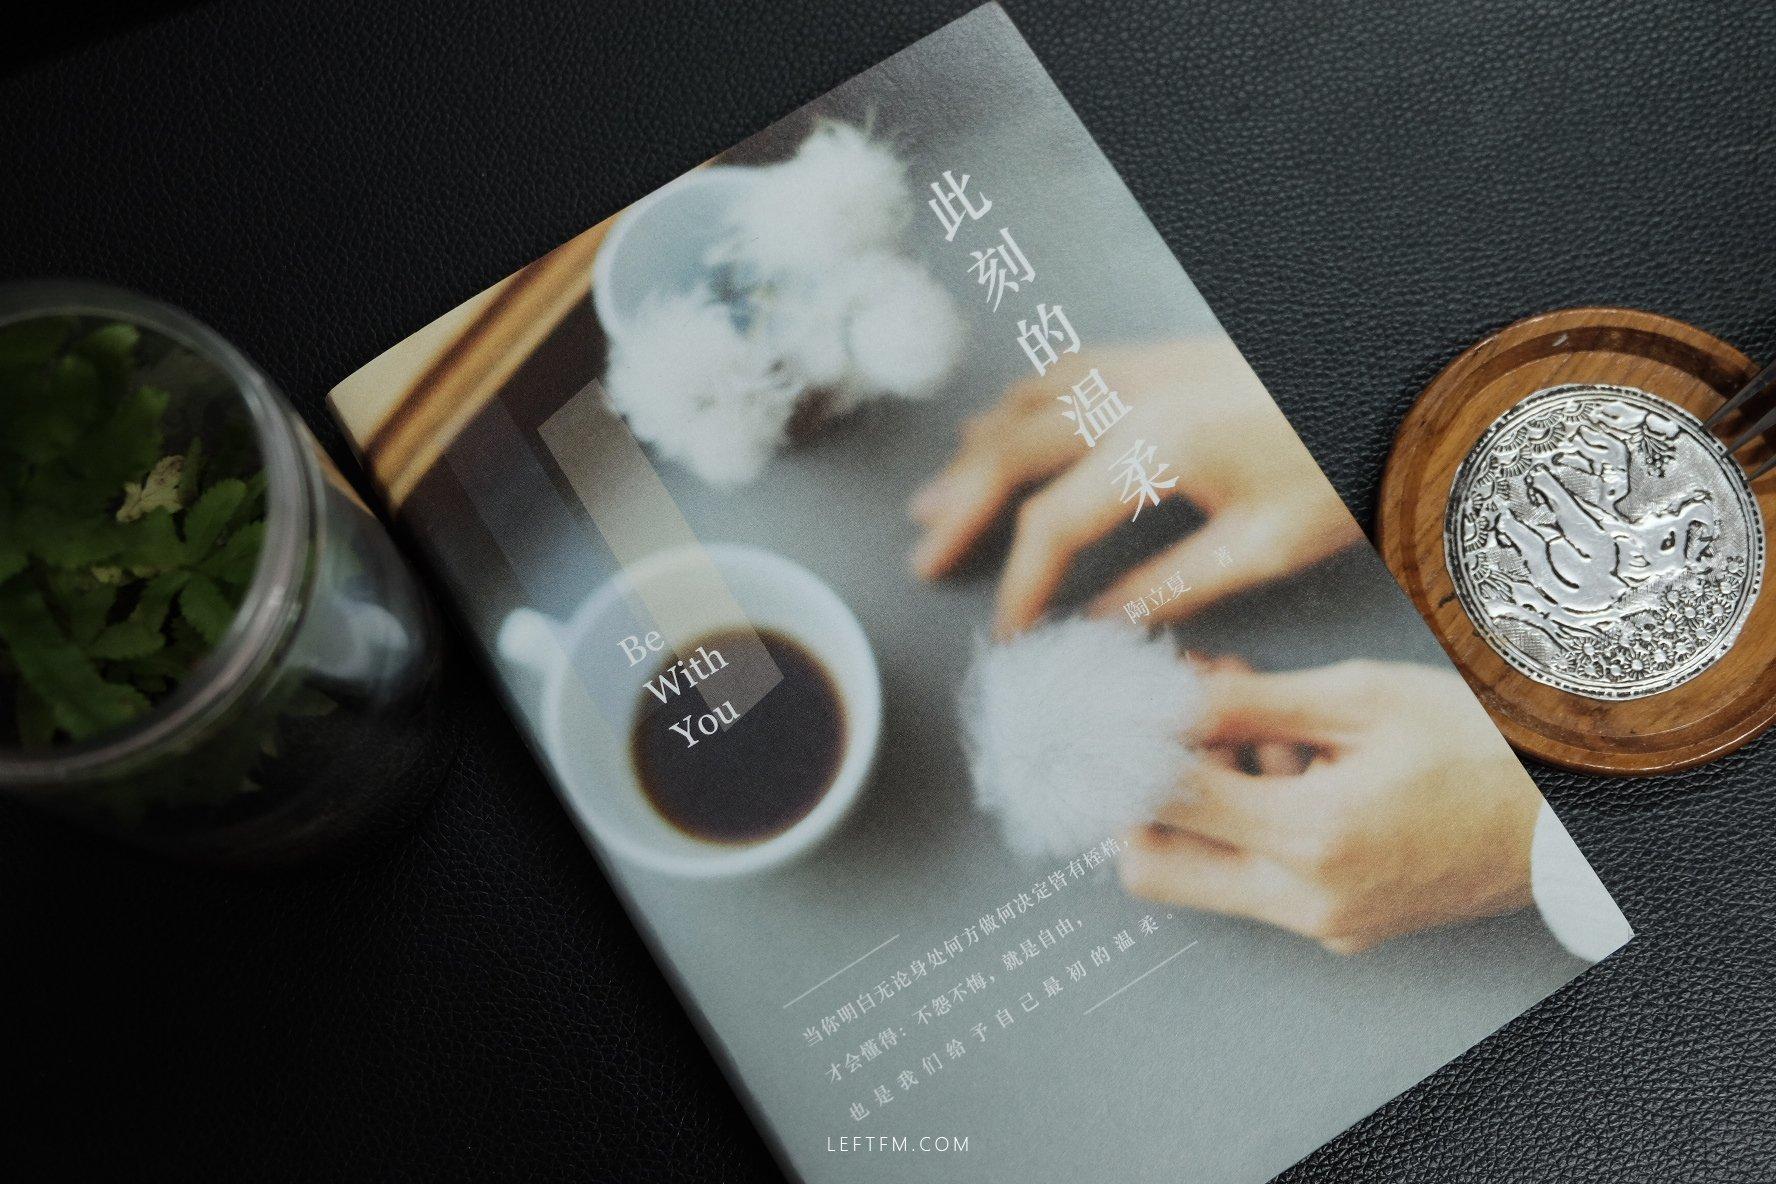 陶立夏 /  此刻的温柔 / 浙江文艺出版社 /  星文文化 / 试读购买